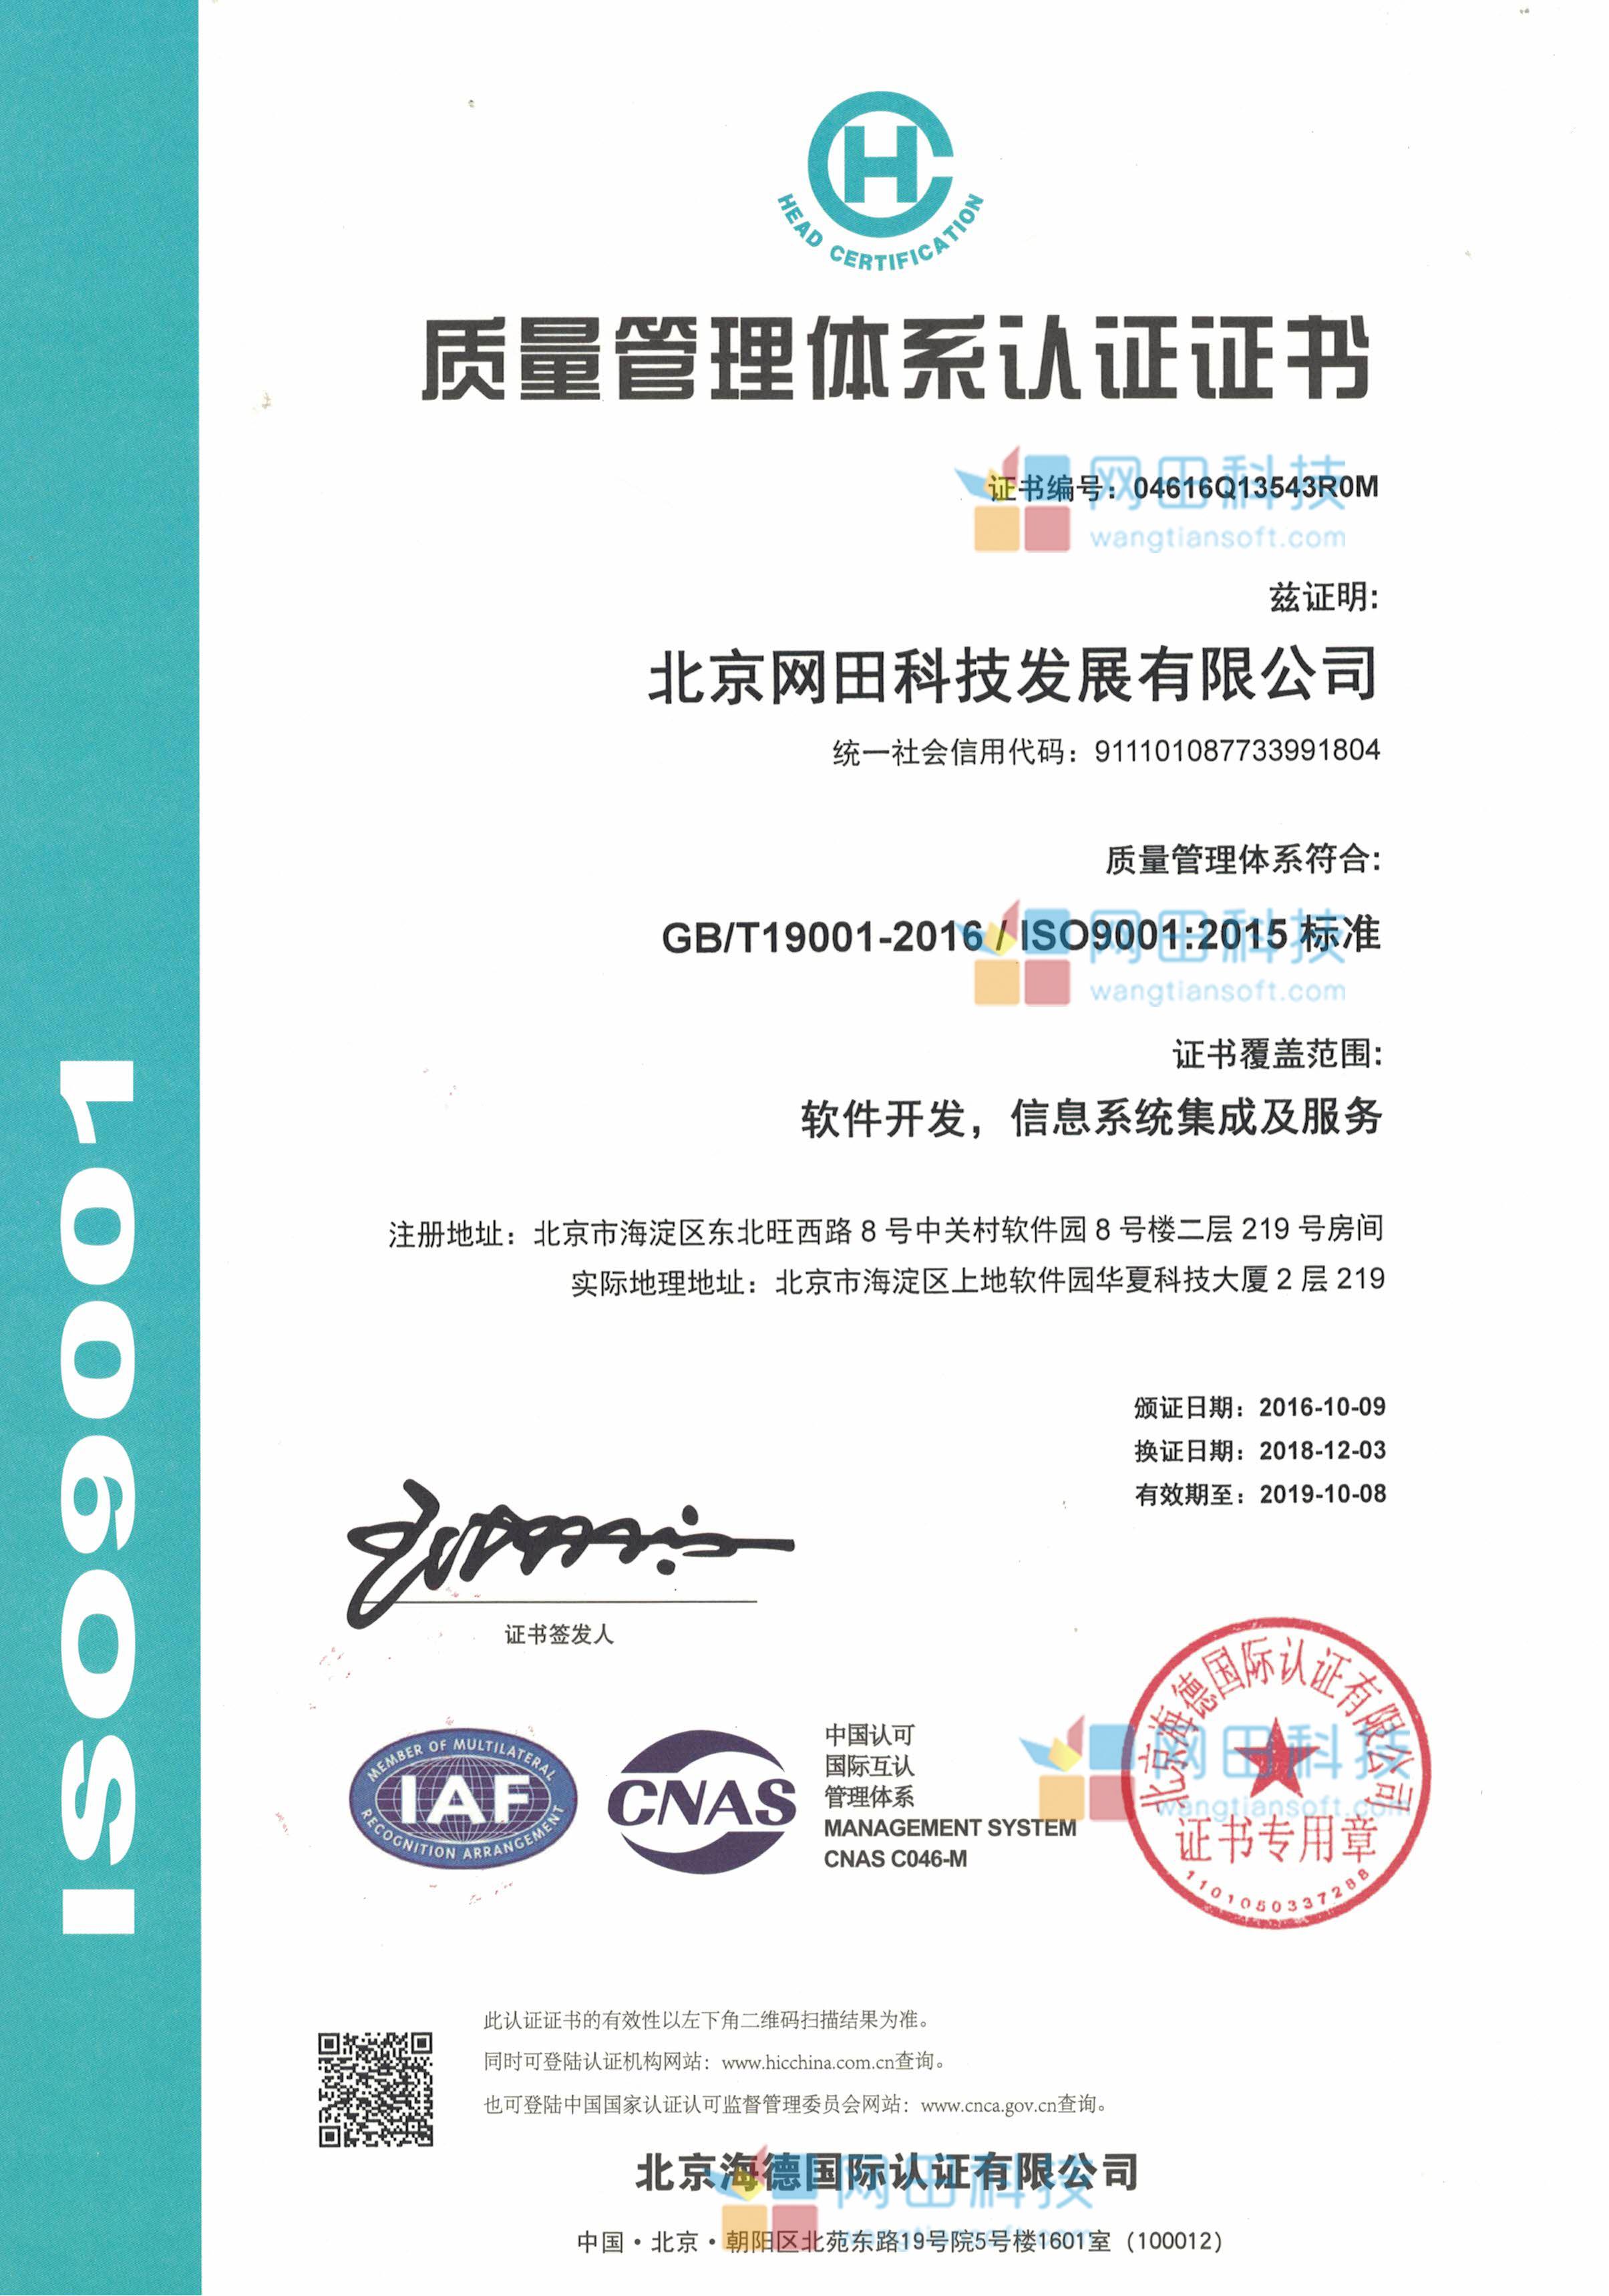 國際質量管理體系ISO9001認證